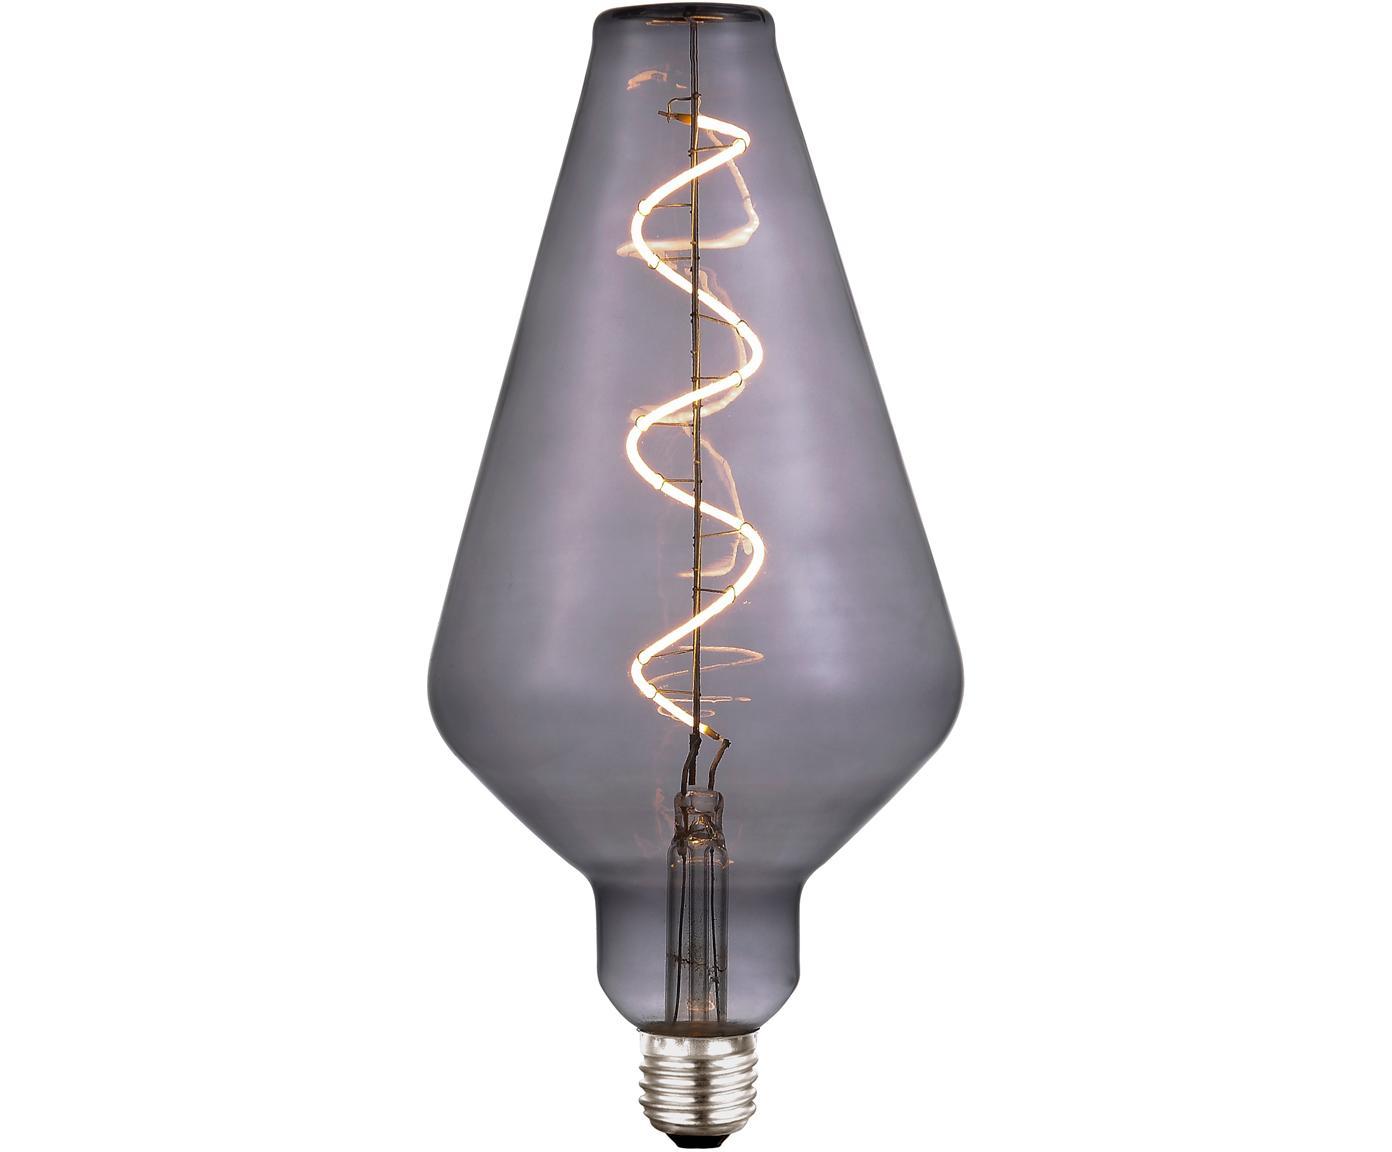 Grote LED lamp Colors Cone (E27 / 4W), dimbaar, Glas, gecoat metaal, Grijs, transparant, Ø 13 x H 23 cm